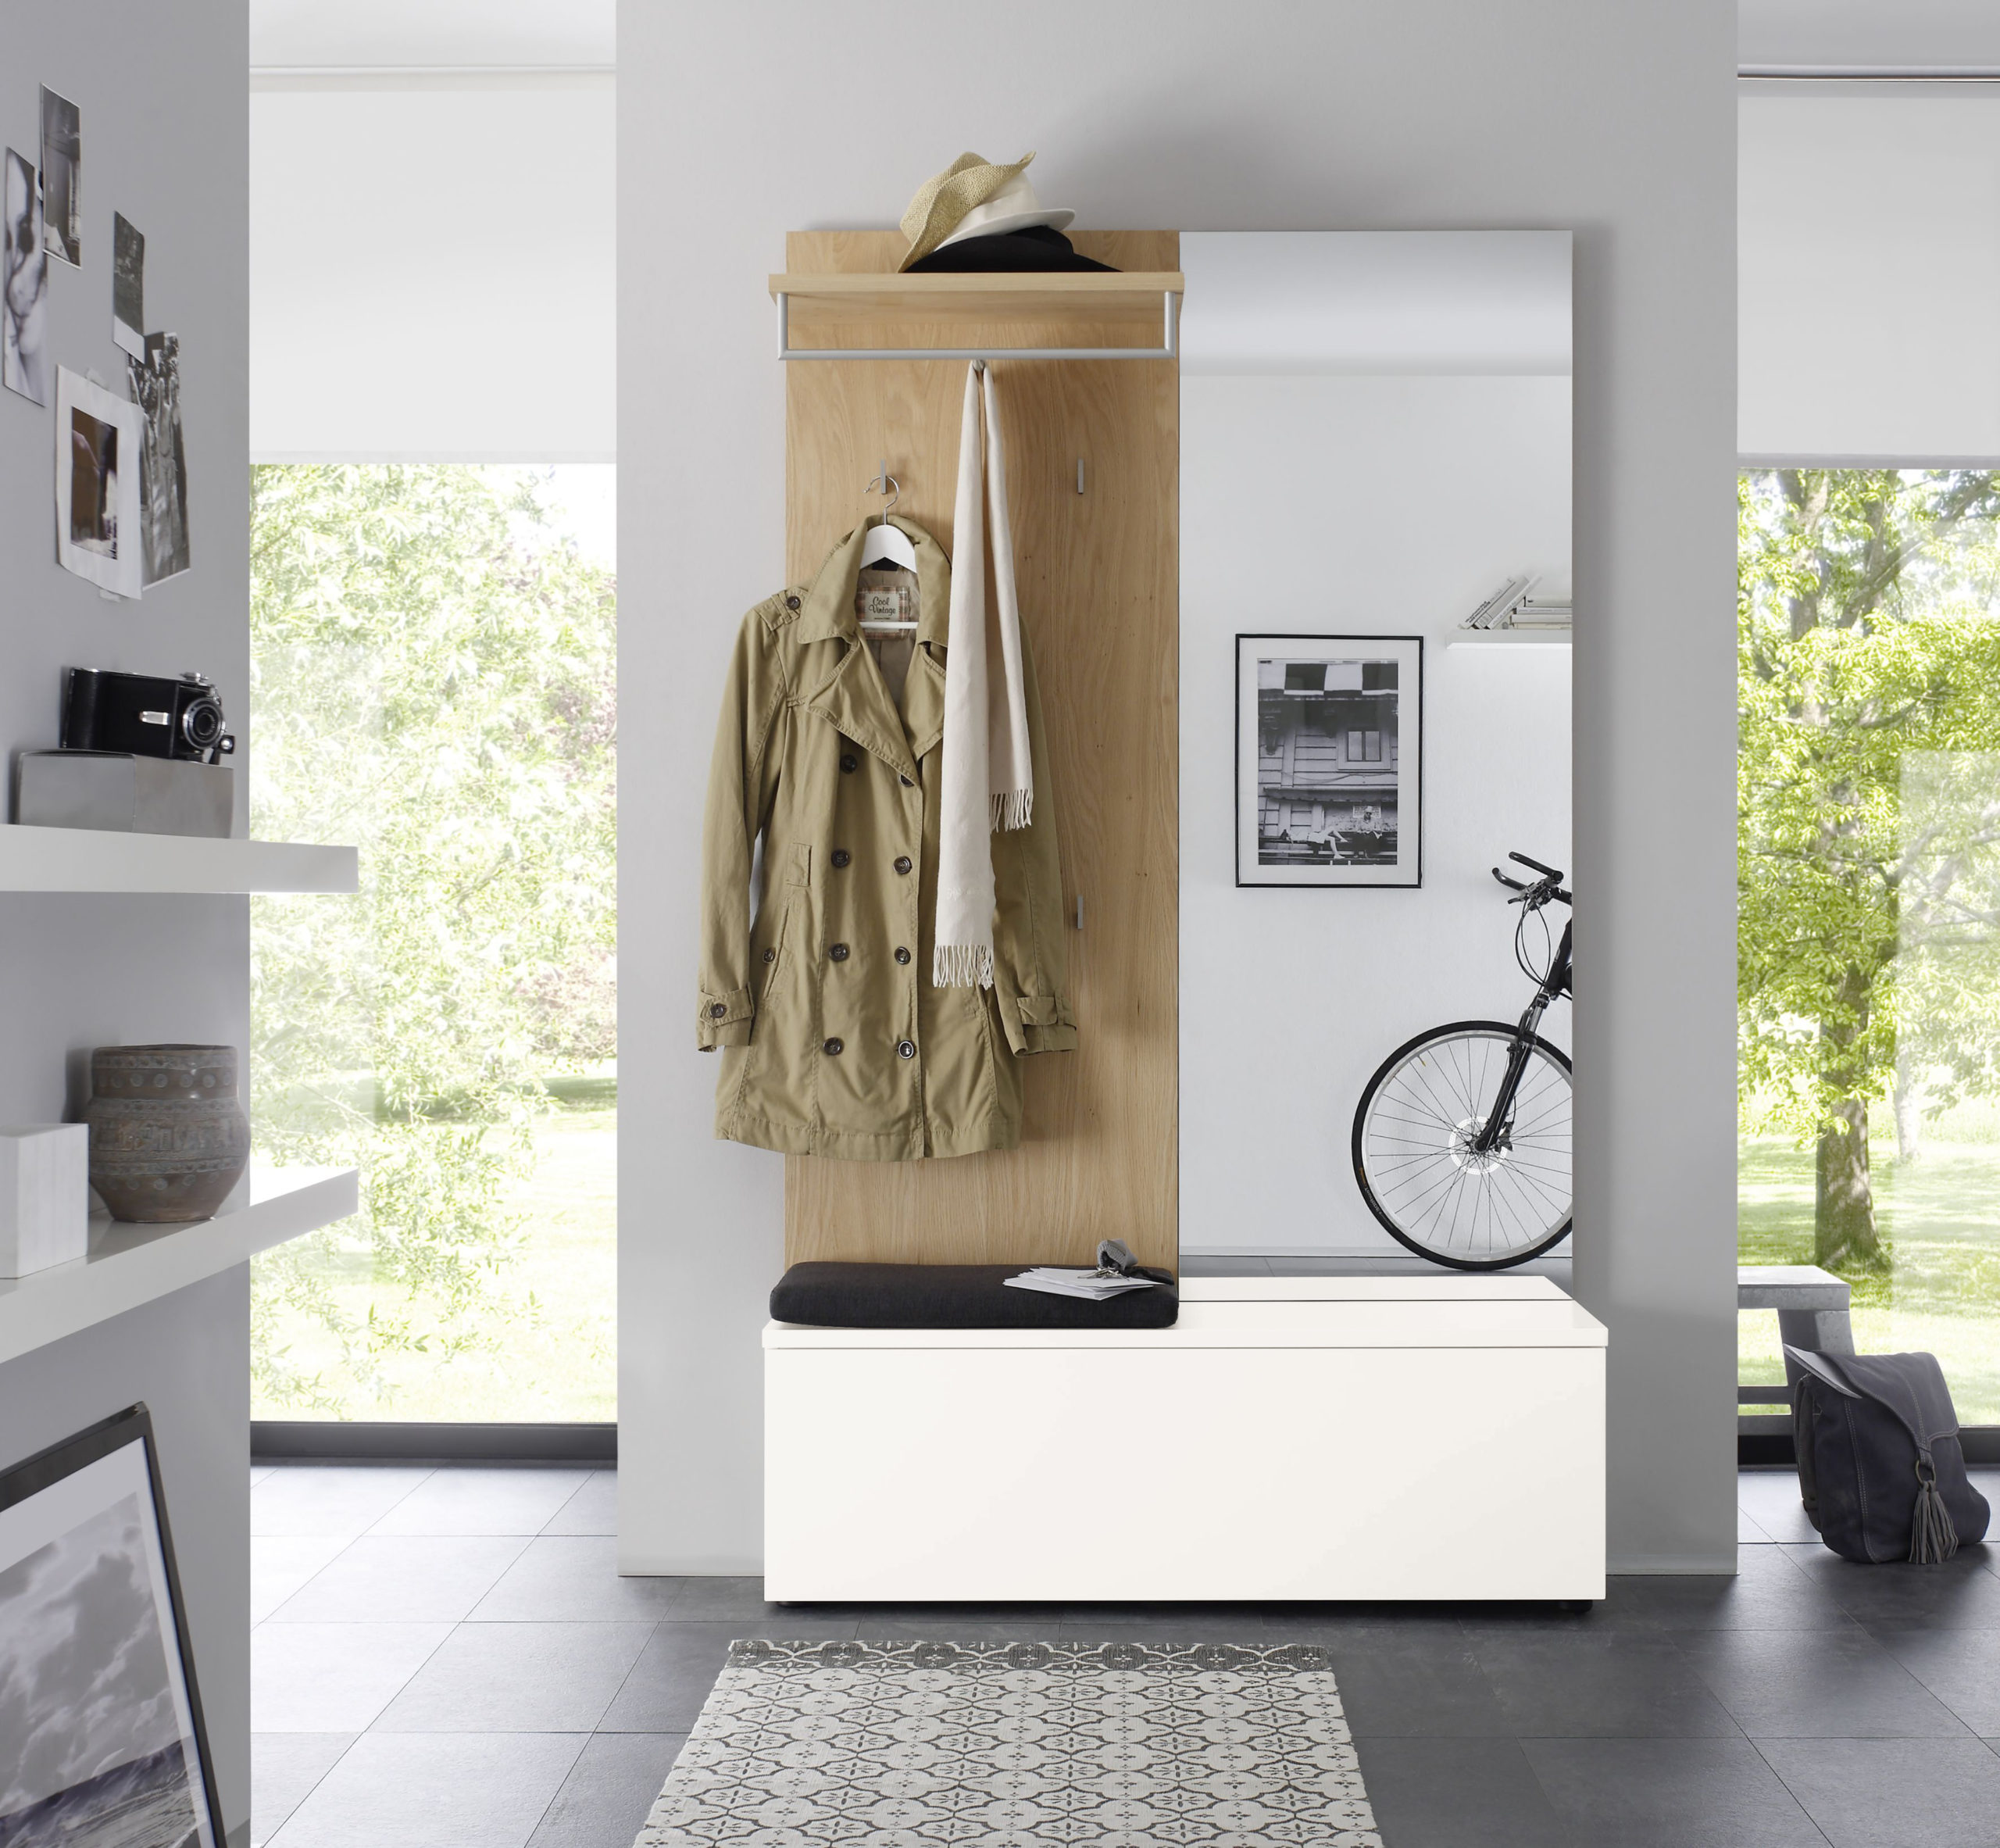 Sudbrock TANDO Garderobe in der Ausführung Ethno Eiche, Lack verkehrsweiß #420